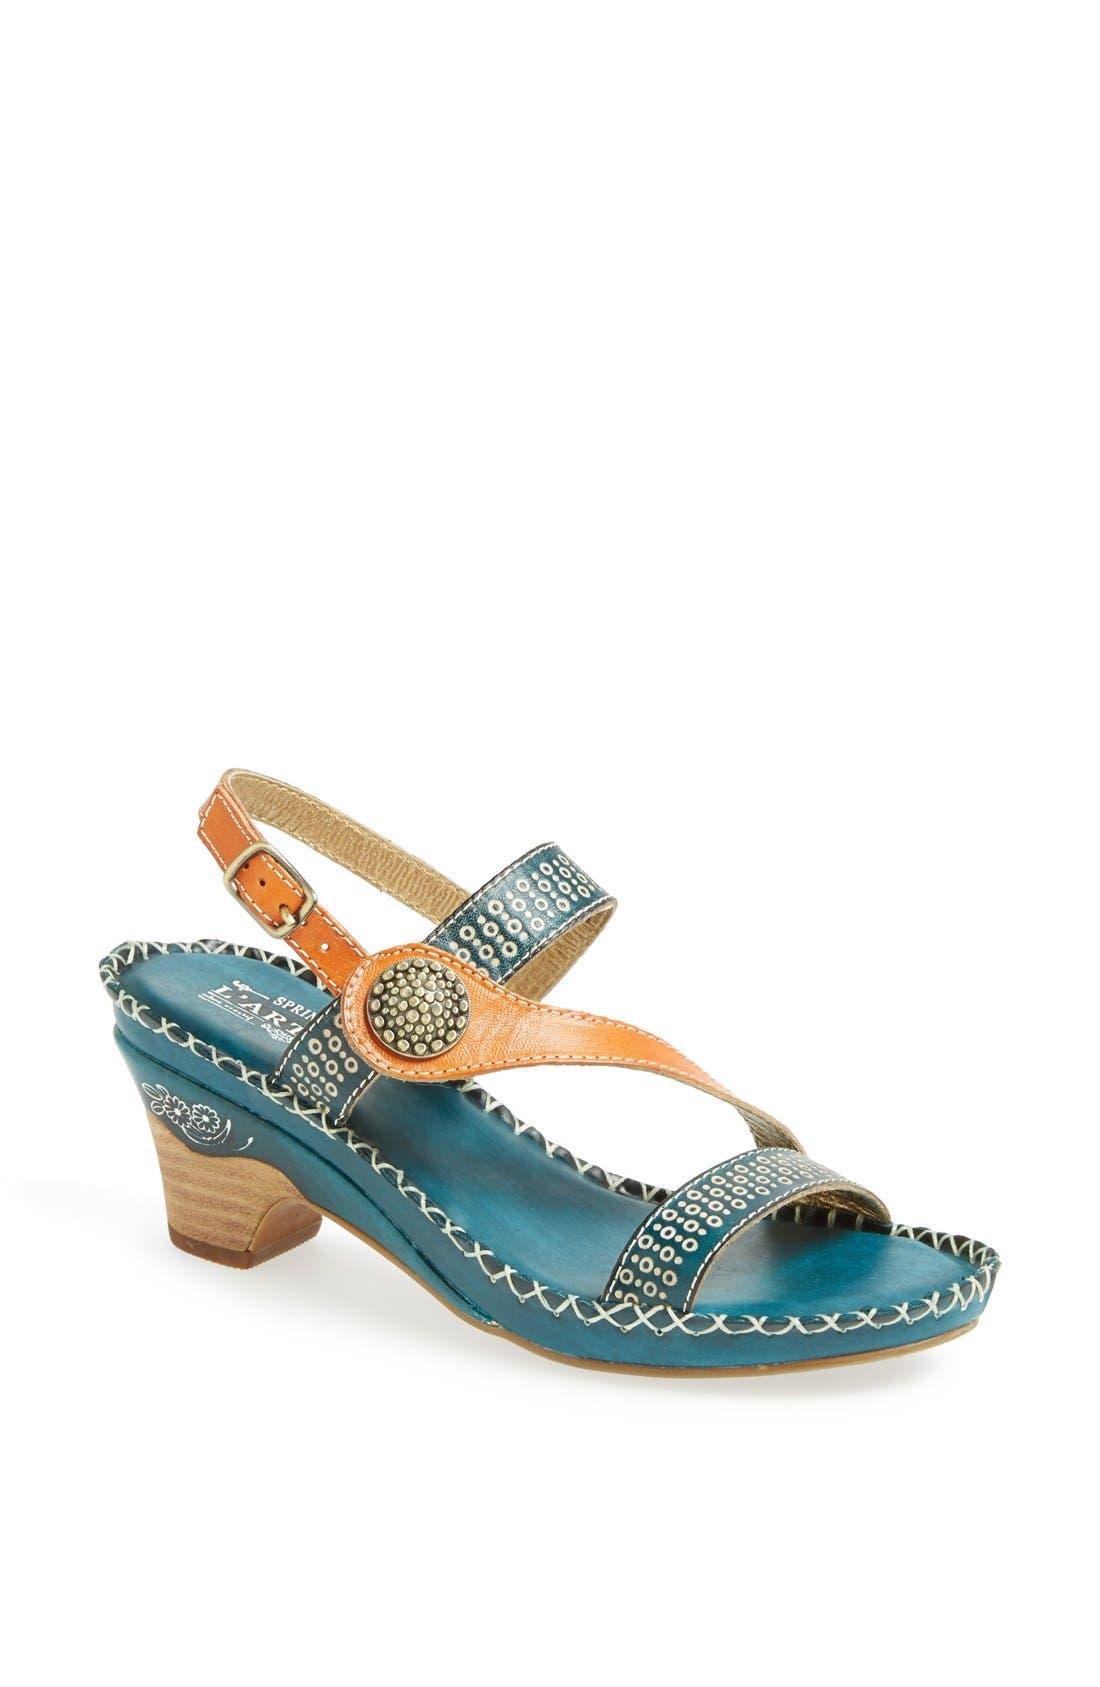 Main Image - Spring Step 'Dreamer' Sandal